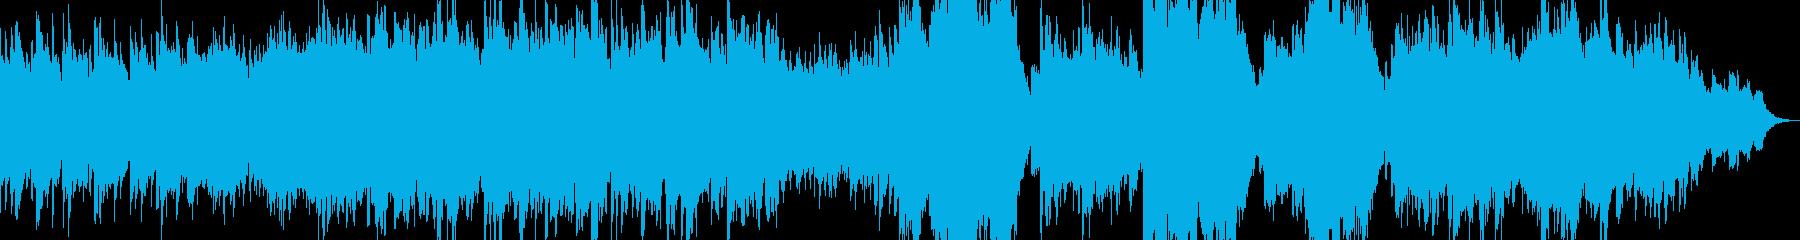 夢見るような幻想曲の再生済みの波形